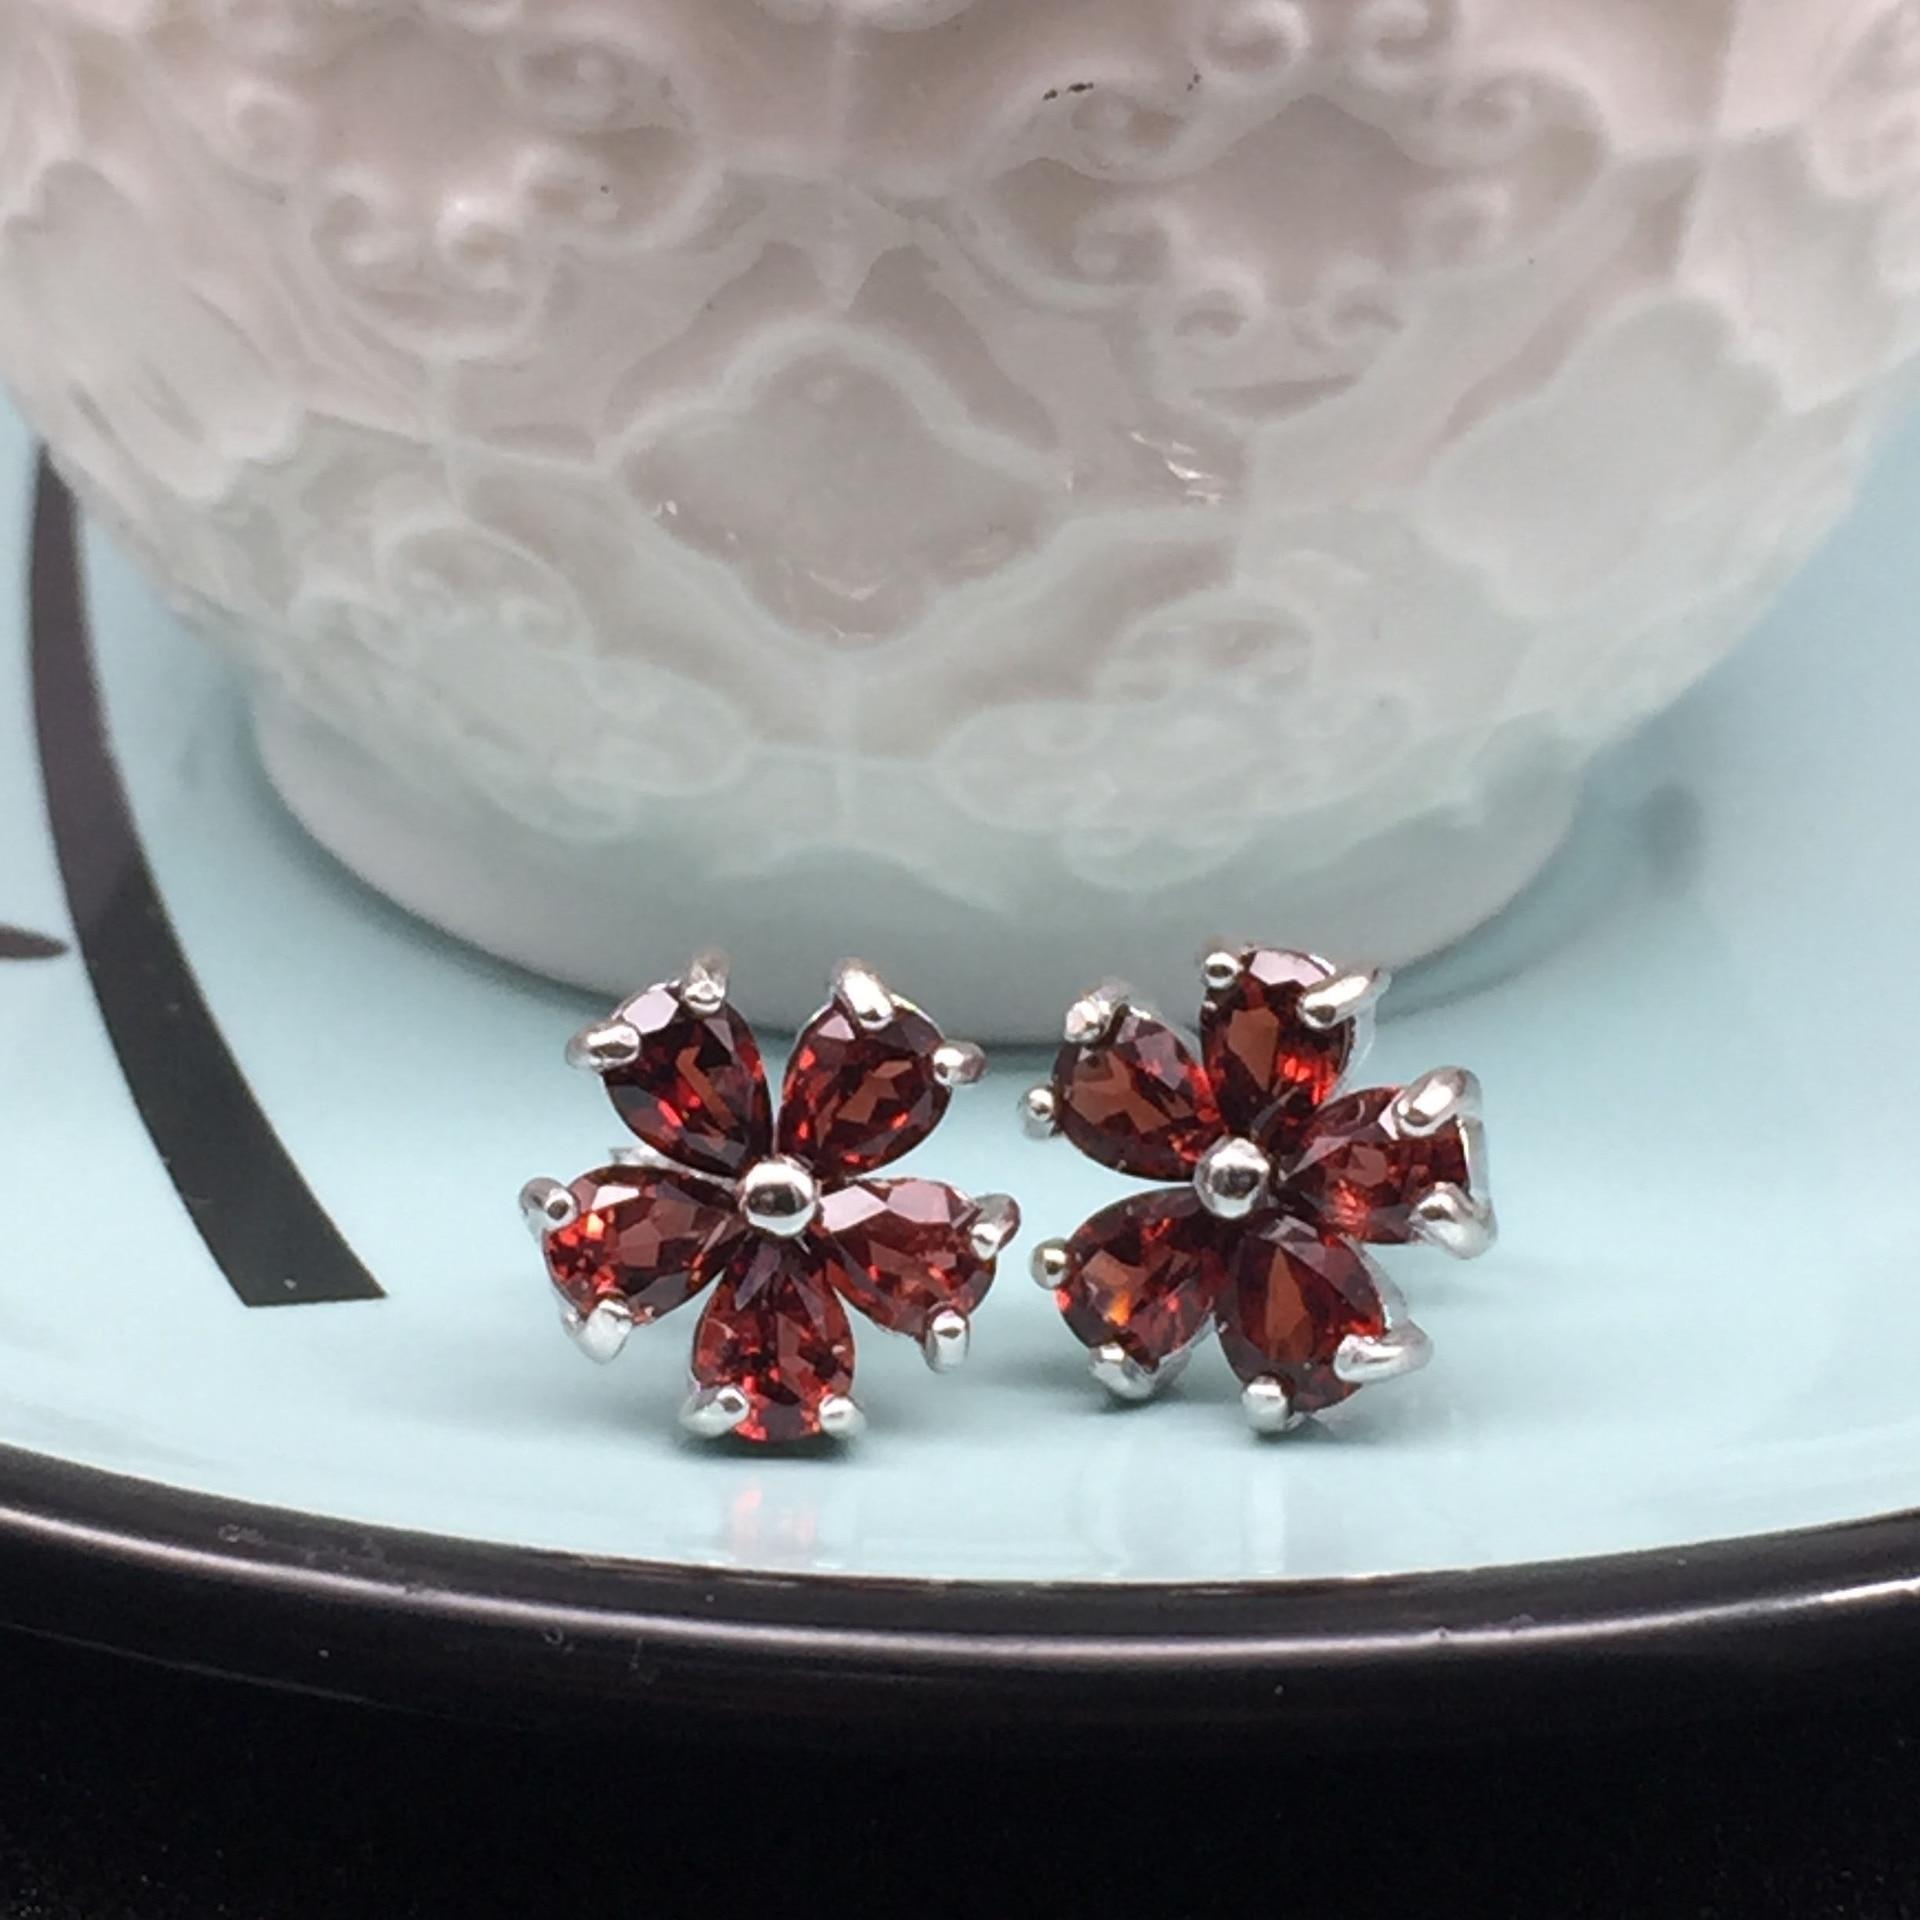 Echtschmuck Uhren & Schmuck Generous Schmuck-stck Ring 925 Silber Neu Suesswasser Perle S Elegant In Style